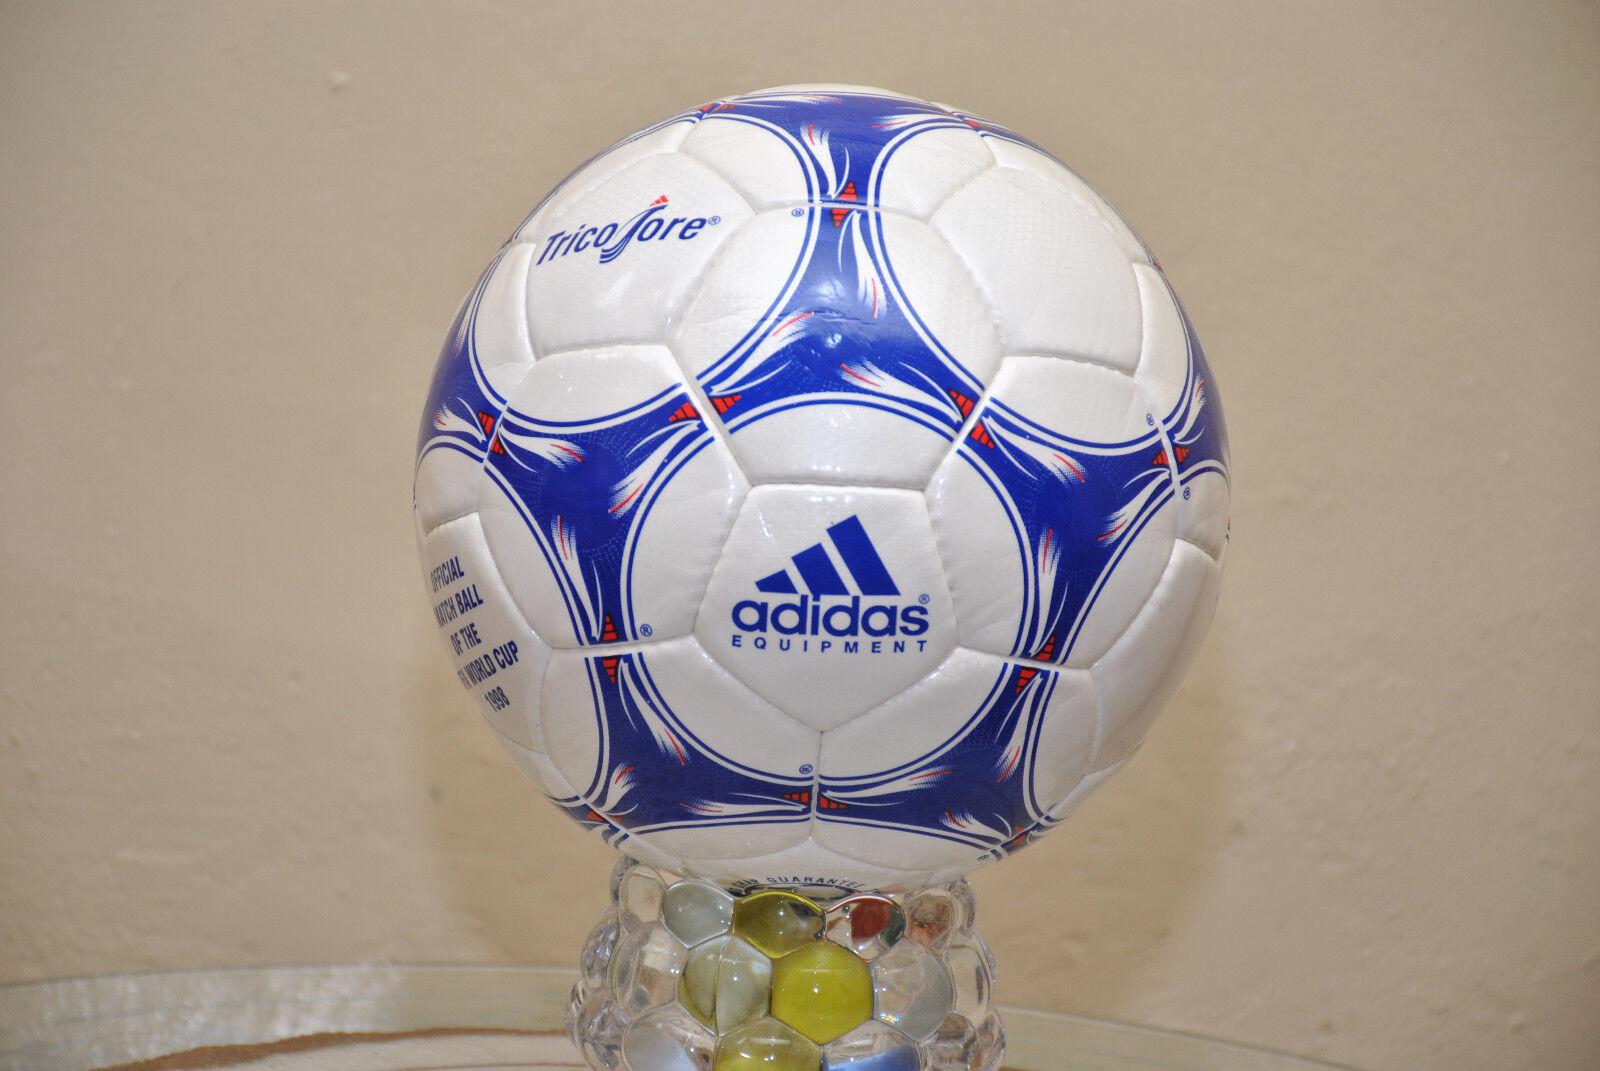 Equipo de la Copa del Mundo de fútbol Adidas 1998 (hecho en Marruecos)